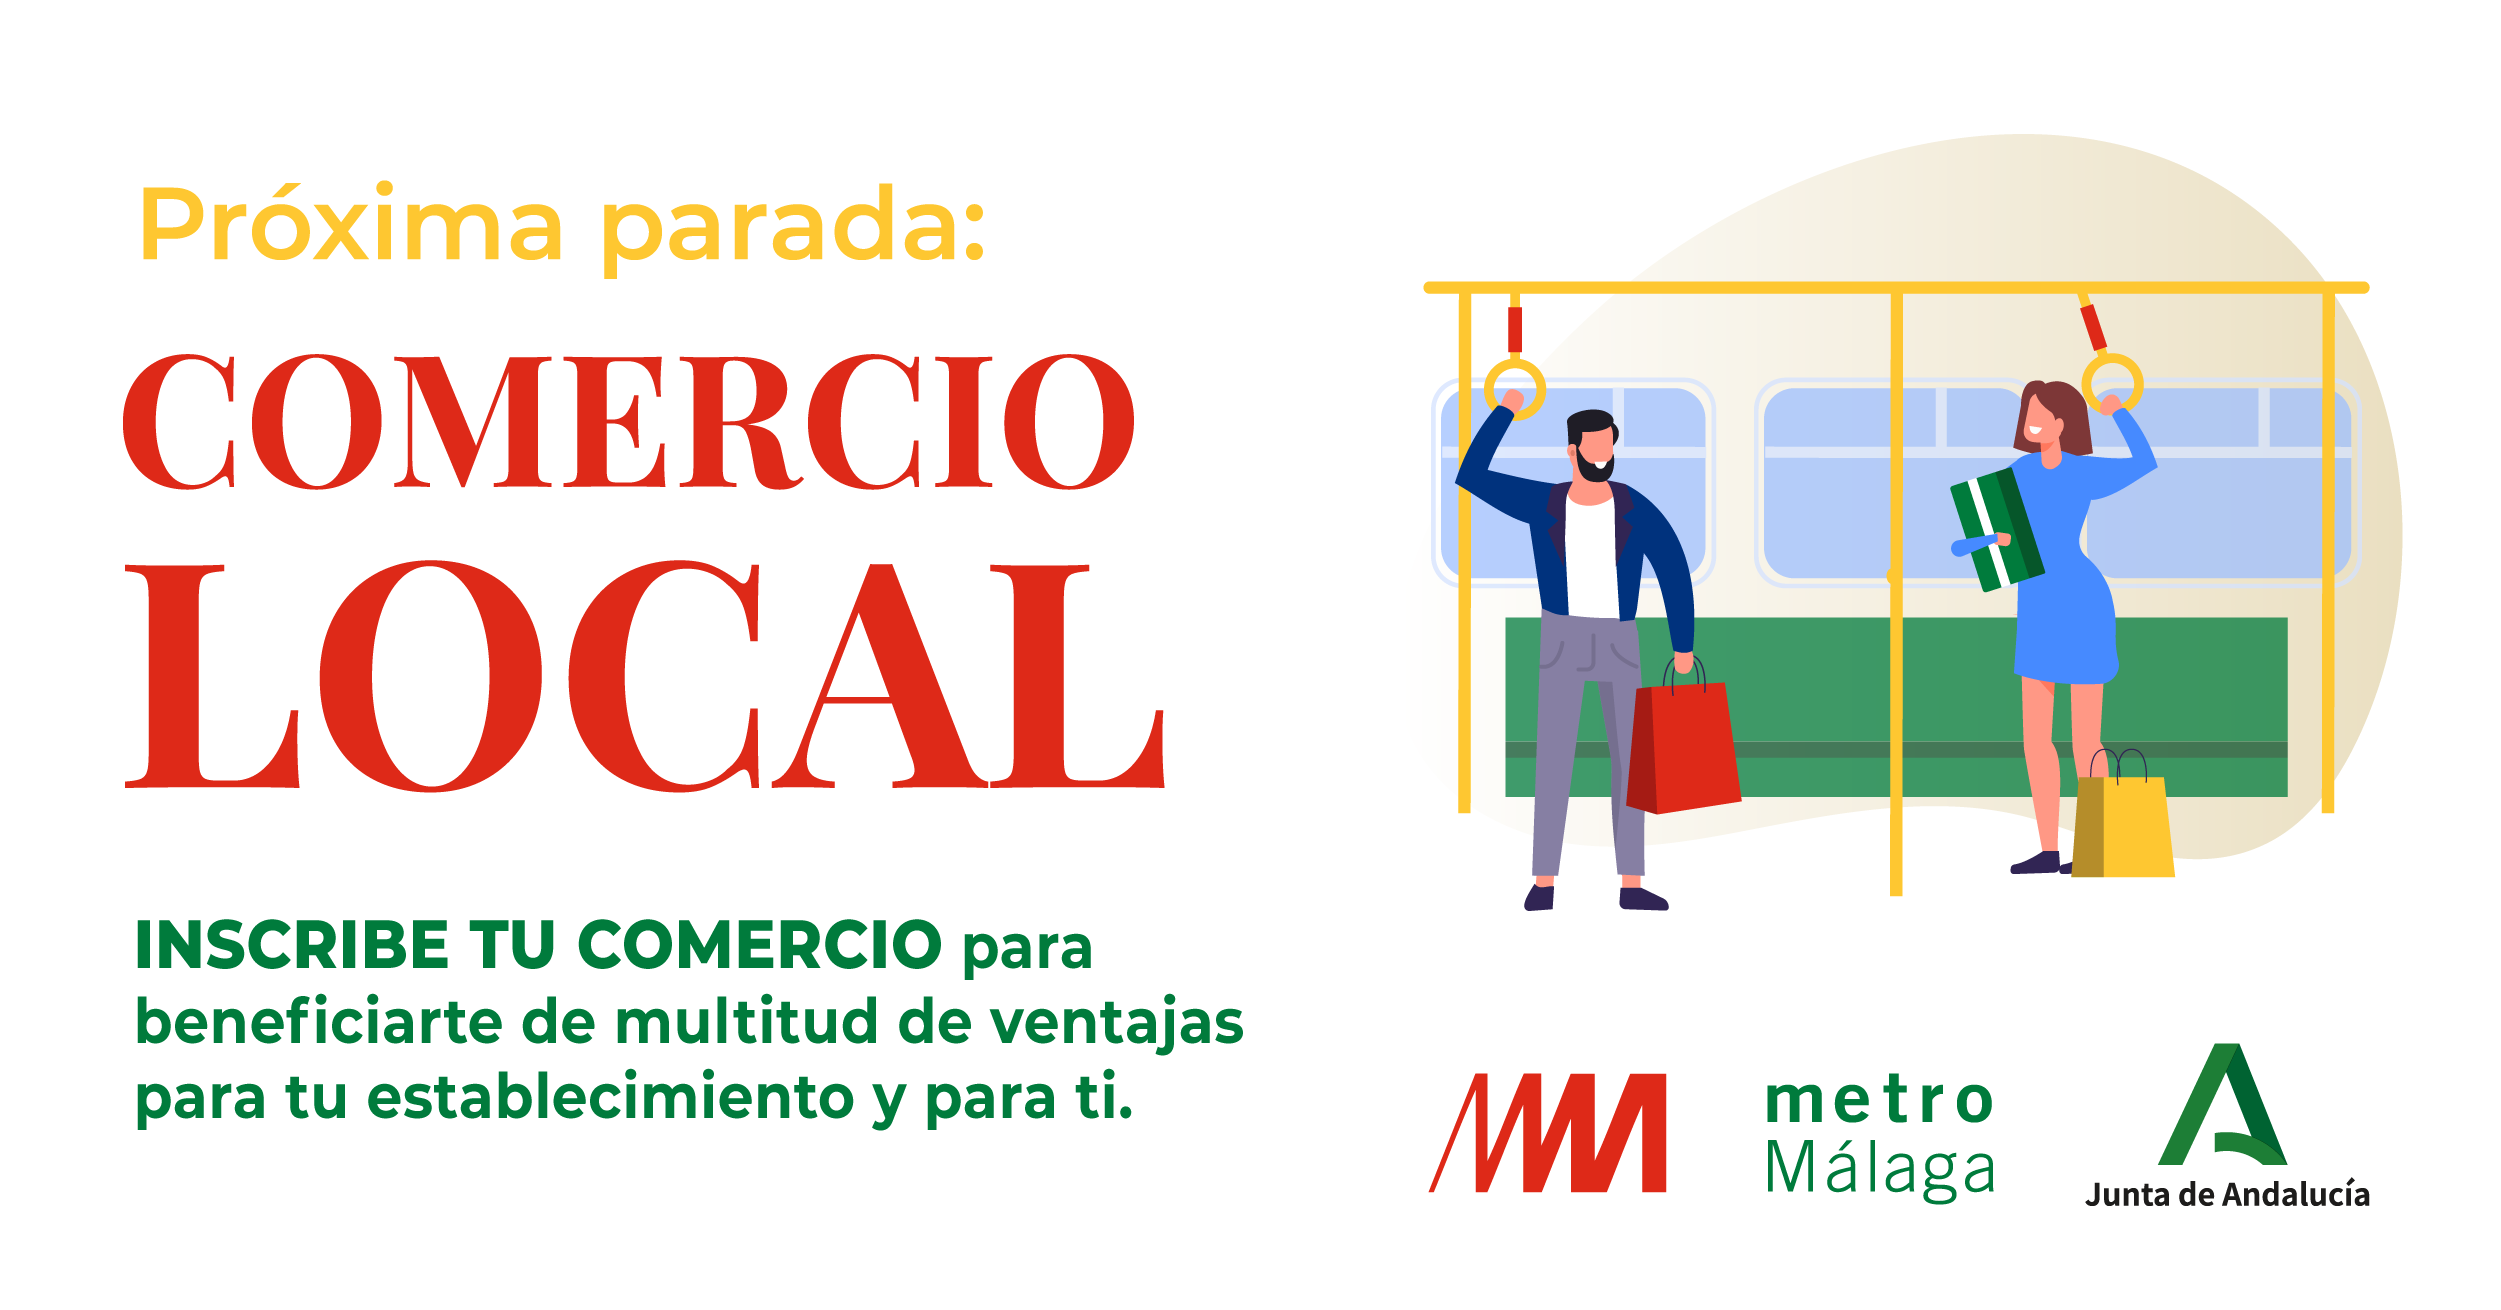 Creatividad de la campaña de apoyo al comercio local desarrollada por Metro de Málaga.